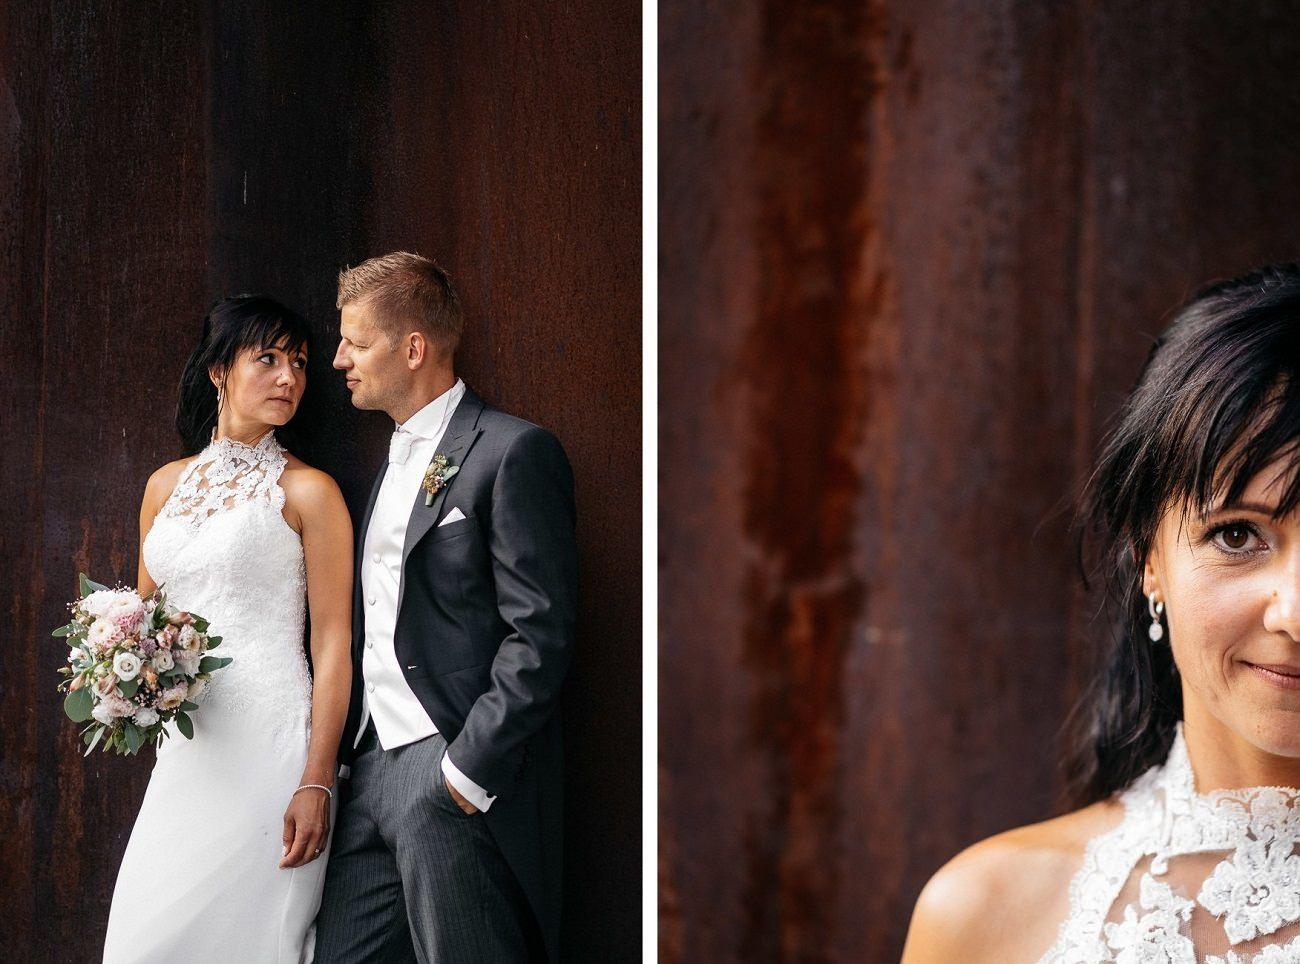 Hochzeit Hochzeitsfotograf Kesselhaus Kolbermoor Industrial Modern Kupfer Wedding Shooting Location